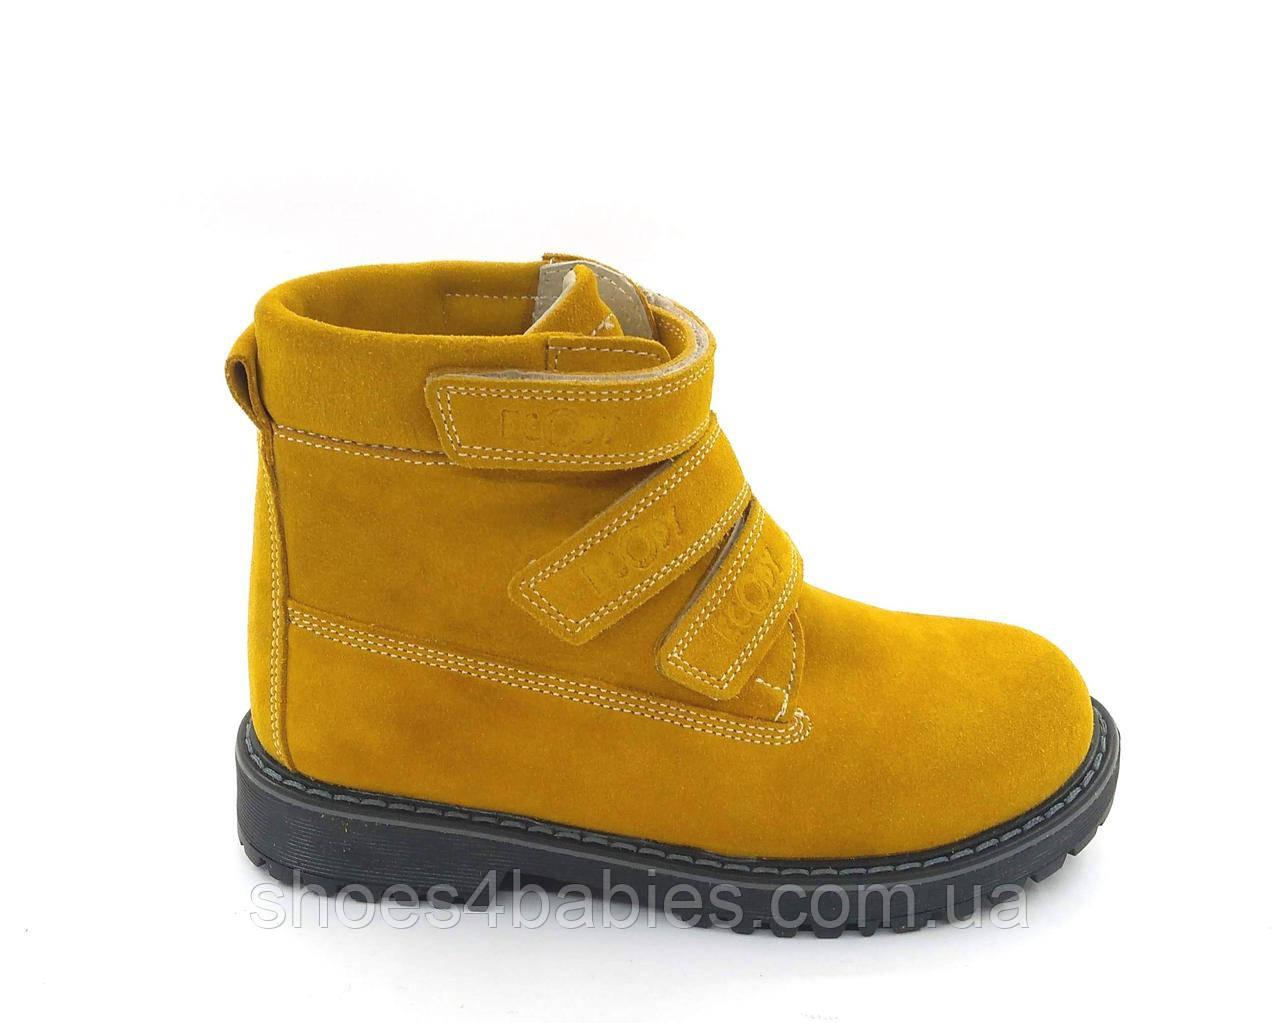 Ортопедические ботинки демисезонные Ecoby 204R  размер 26 - 17,5 см